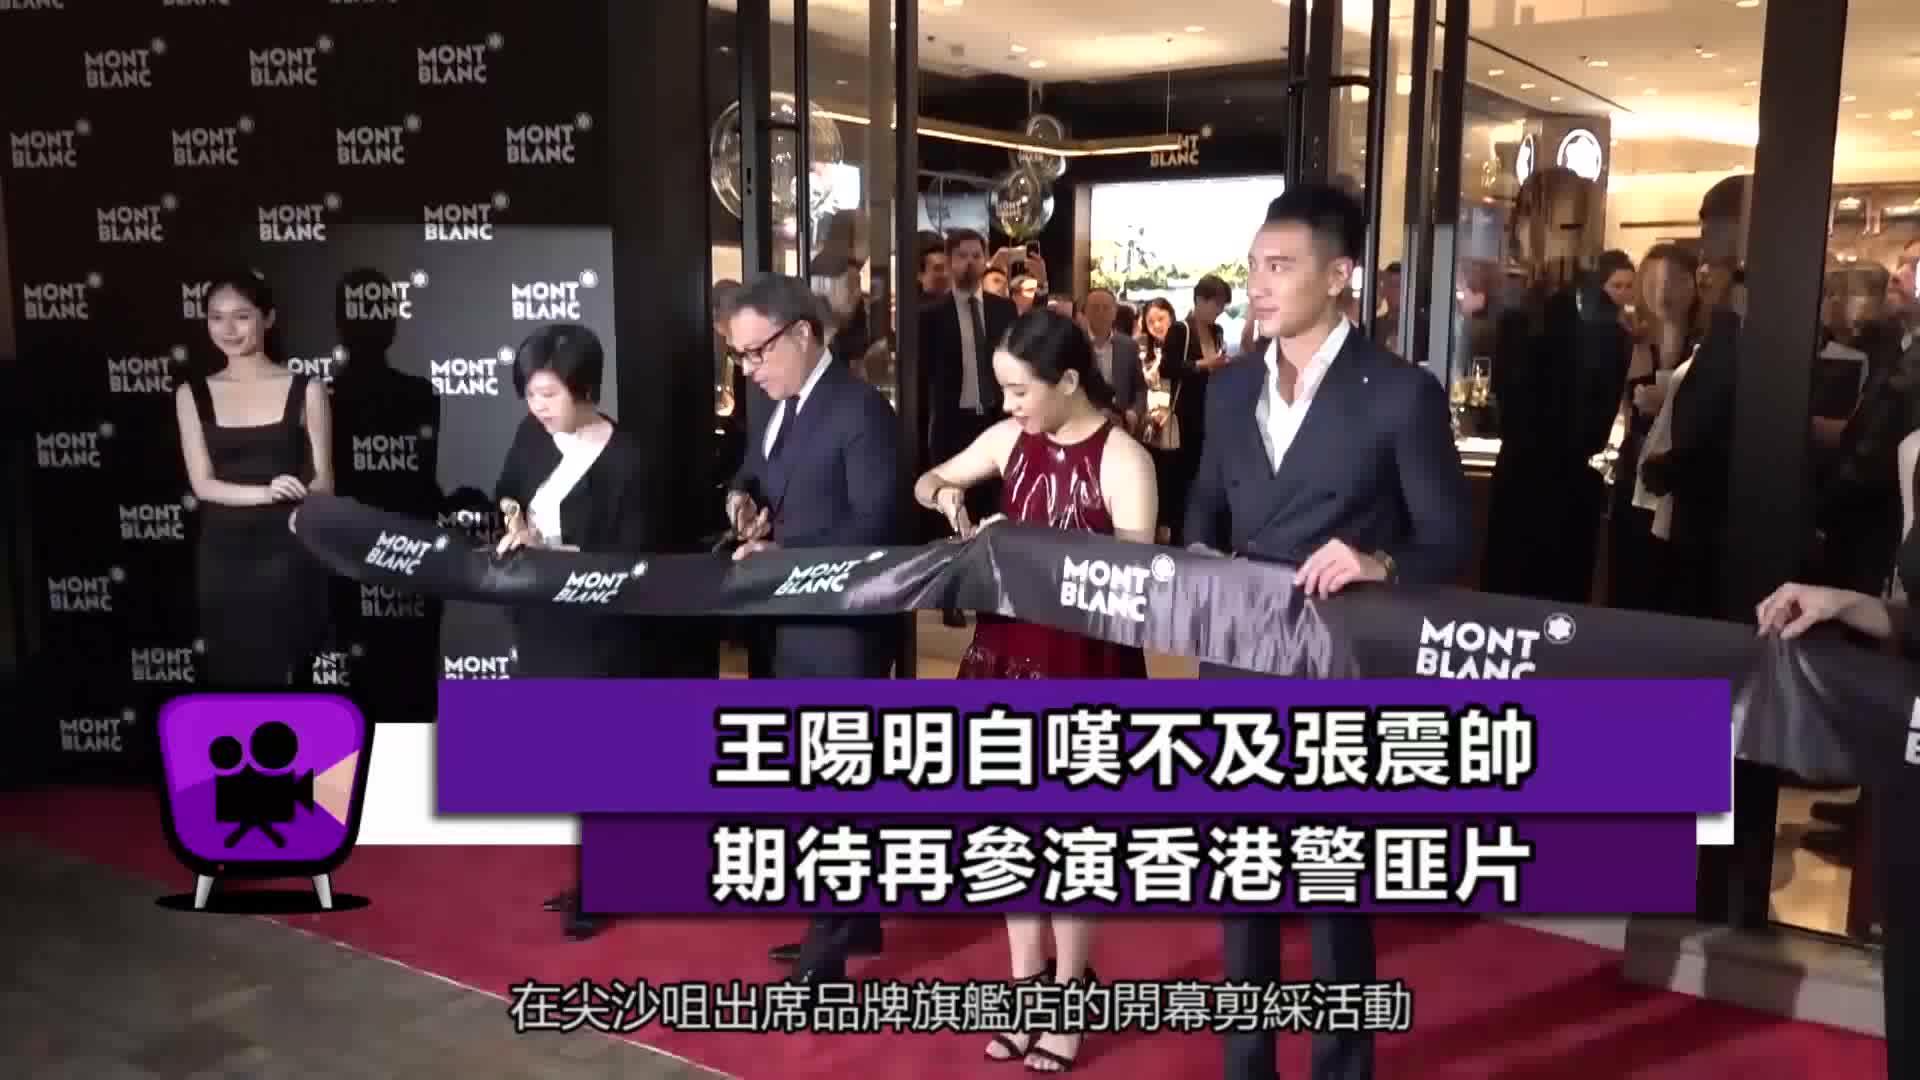 王陽明自嘆不及張震帥 期待再參演香港警匪片